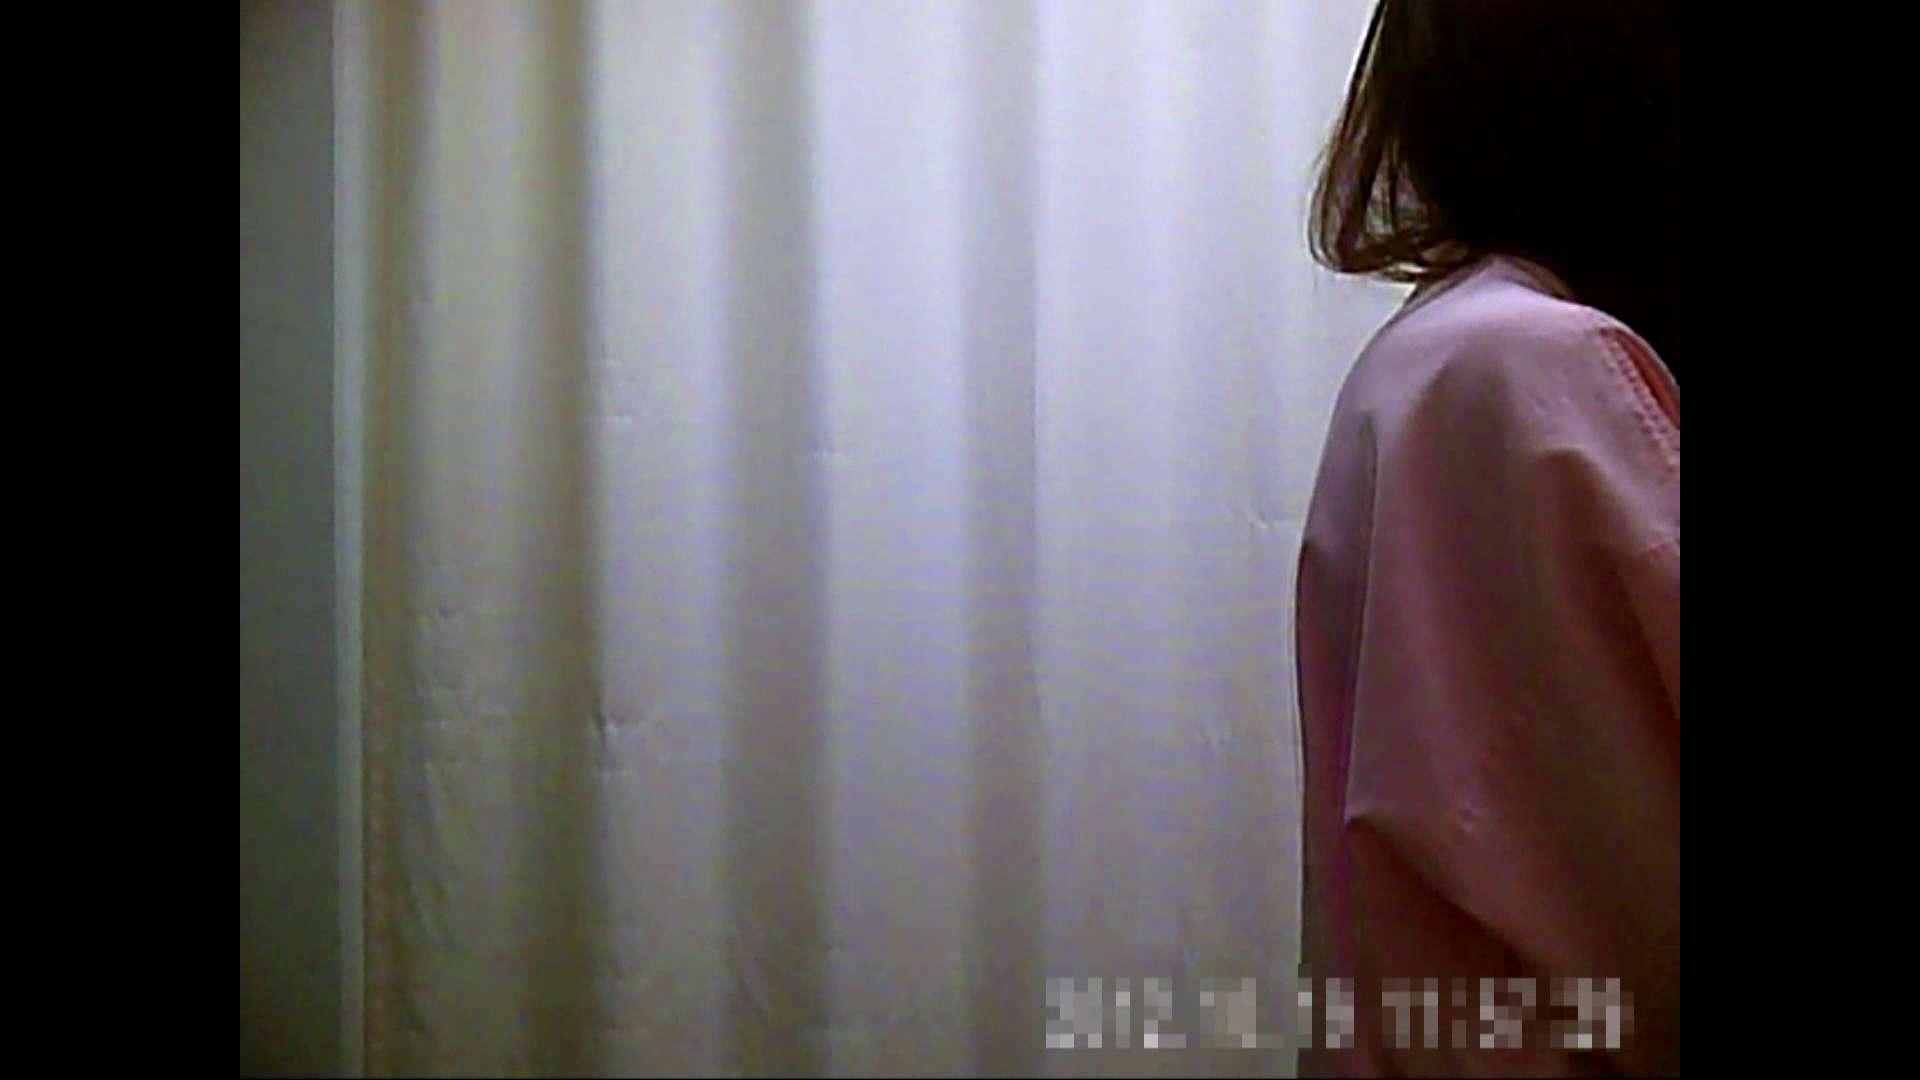 元医者による反抗 更衣室地獄絵巻 vol.052 OLハメ撮り  103Pix 74